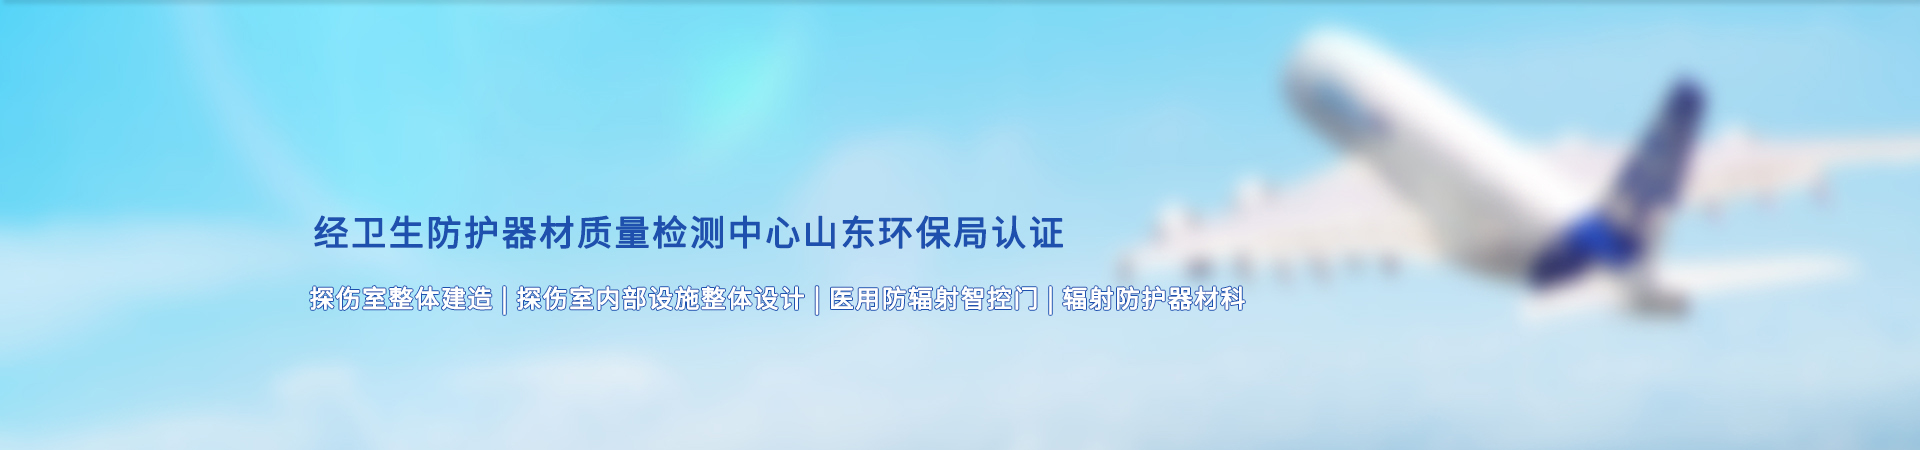 http://www.hefur.cn/data/images/slide/20190827171911_871.jpg